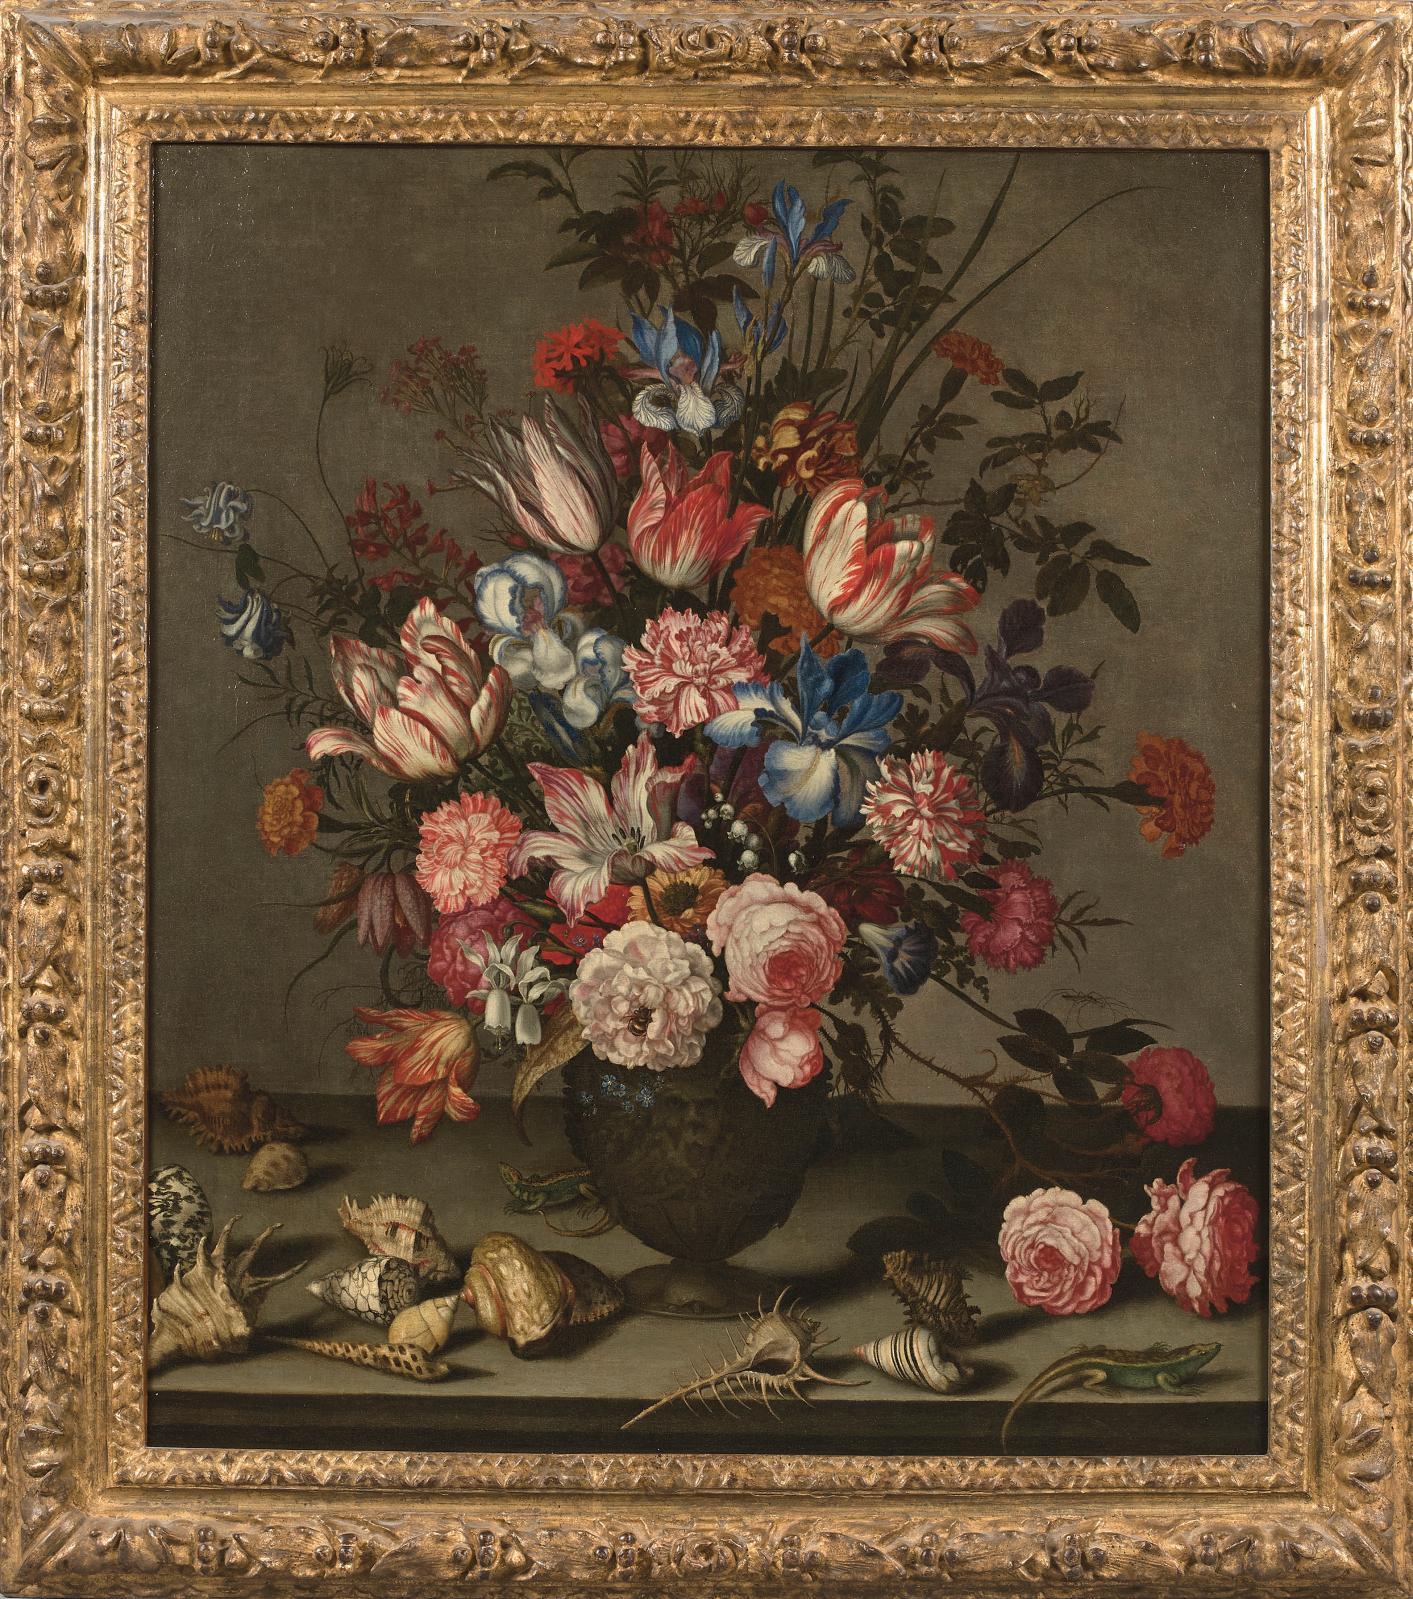 Tout le talent de Balthasar Van der Ast(vers1593-1657) explose dans cette composition d'Iris, tulipes, œillets, roses et autres fleurs d